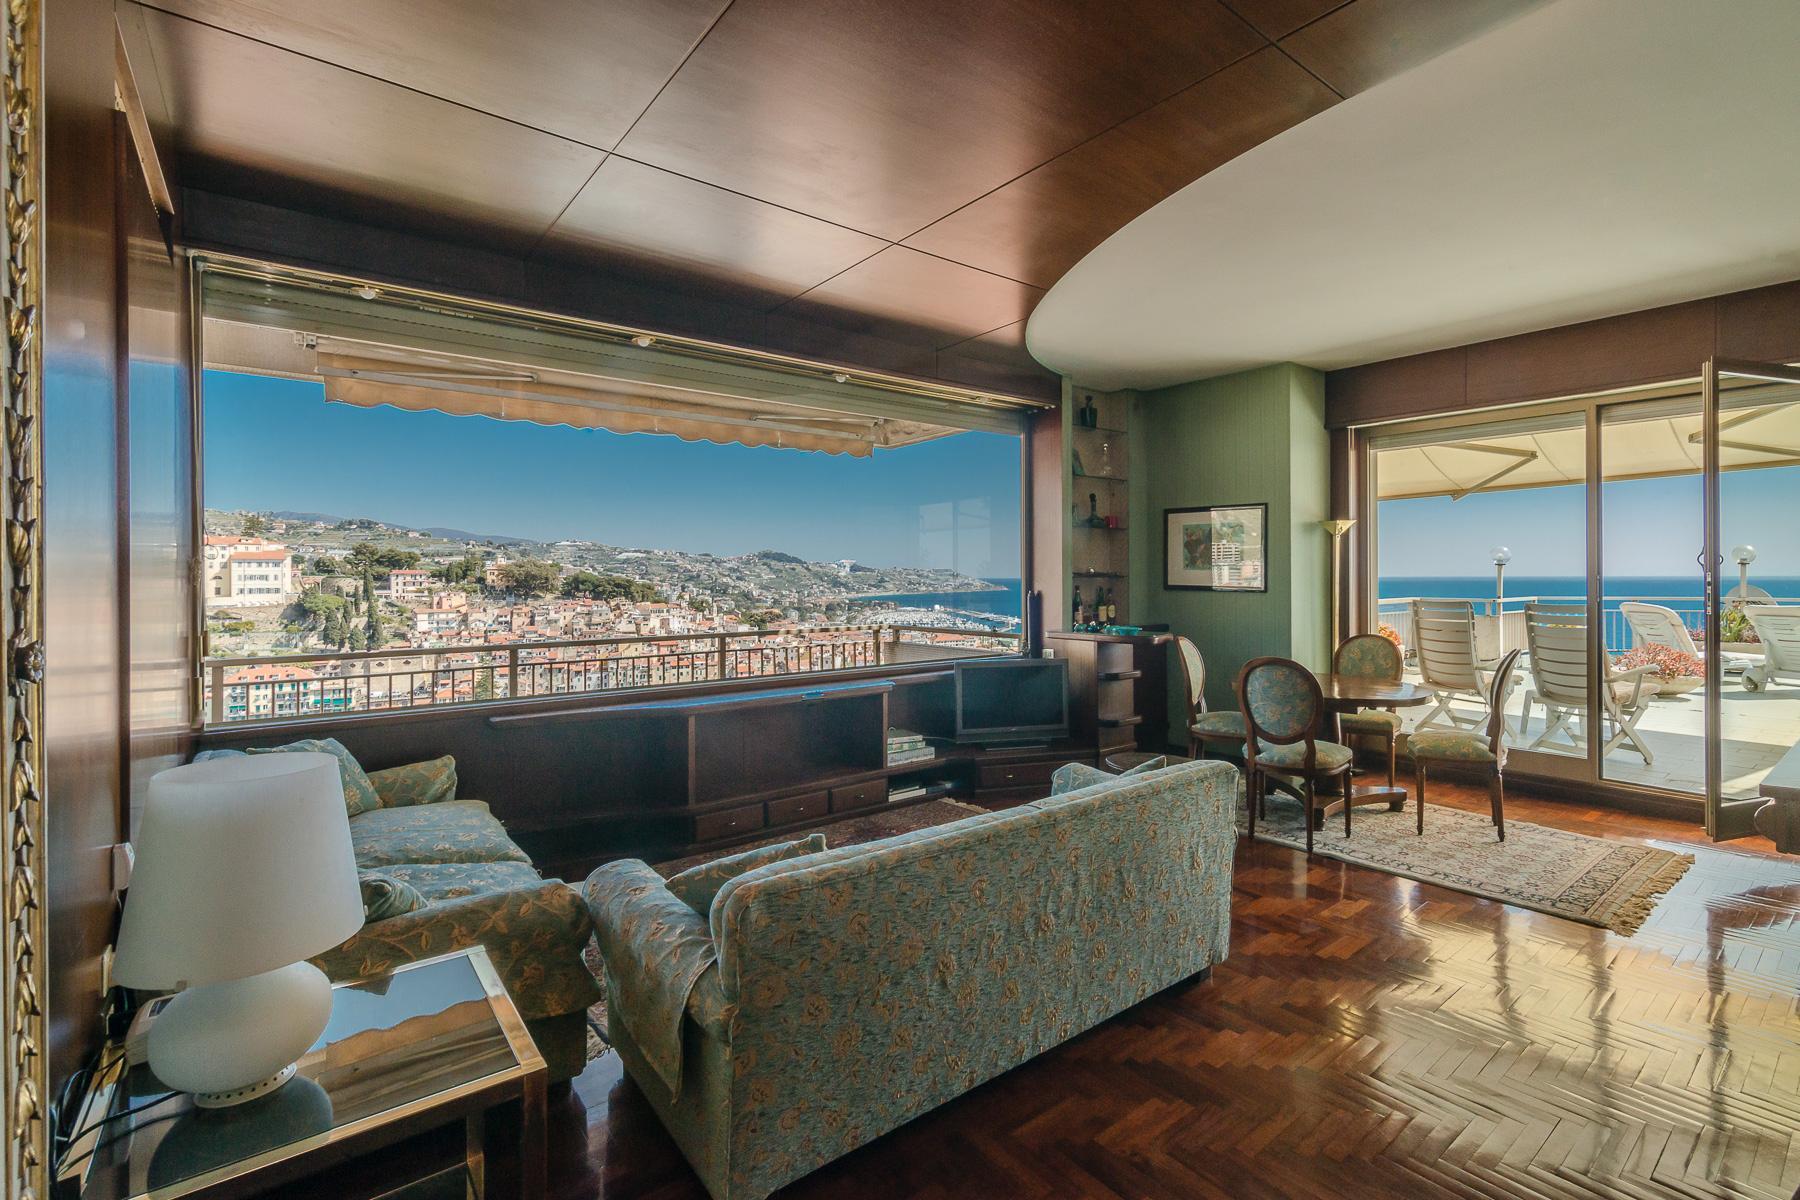 Appartement panoramique avec terrasse d'environ 80 mq - 10